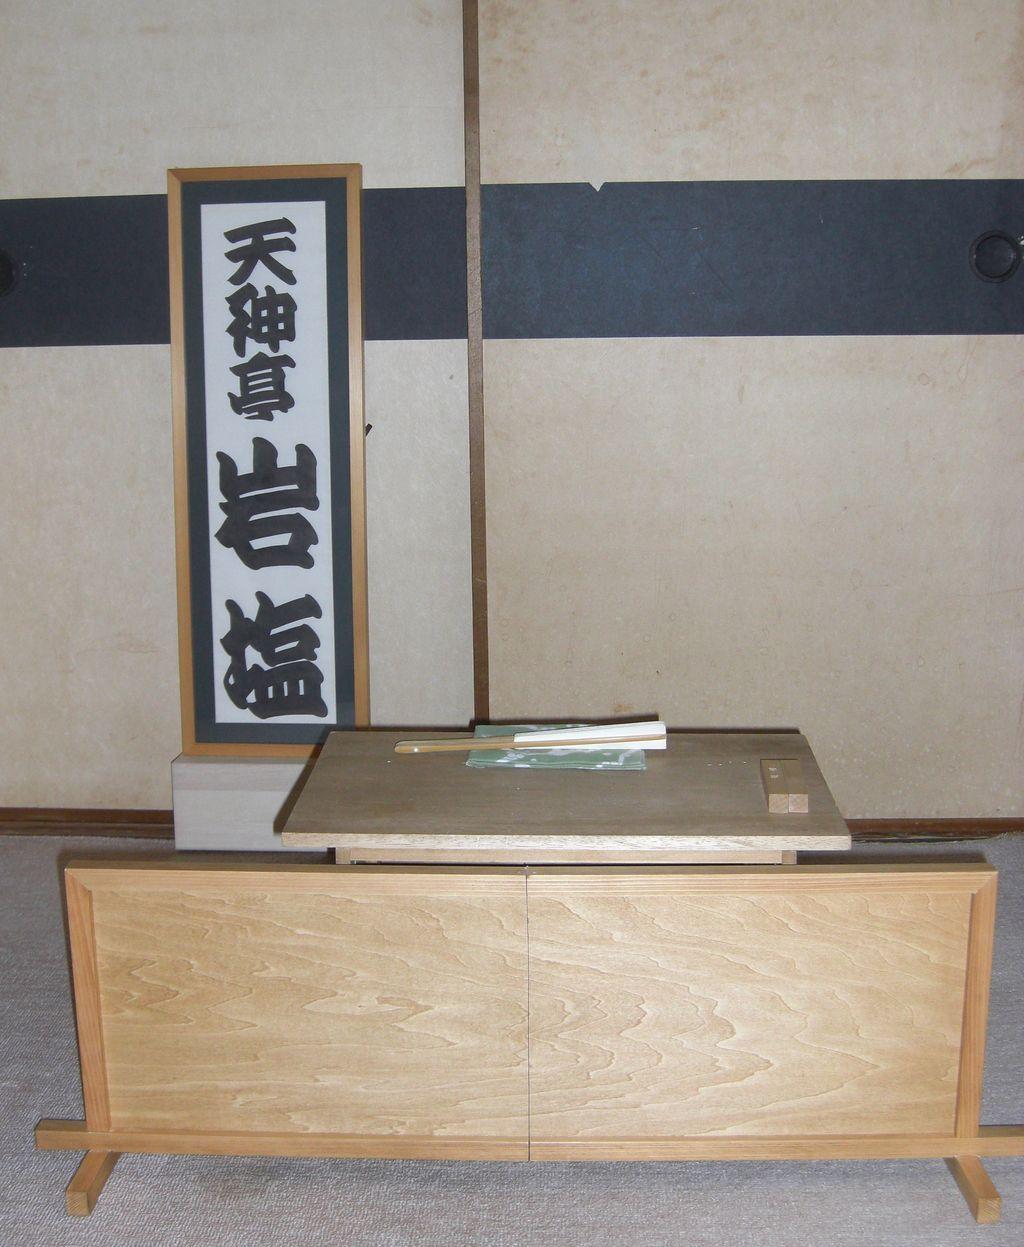 2013年09月 : 天神亭岩塩のブログ